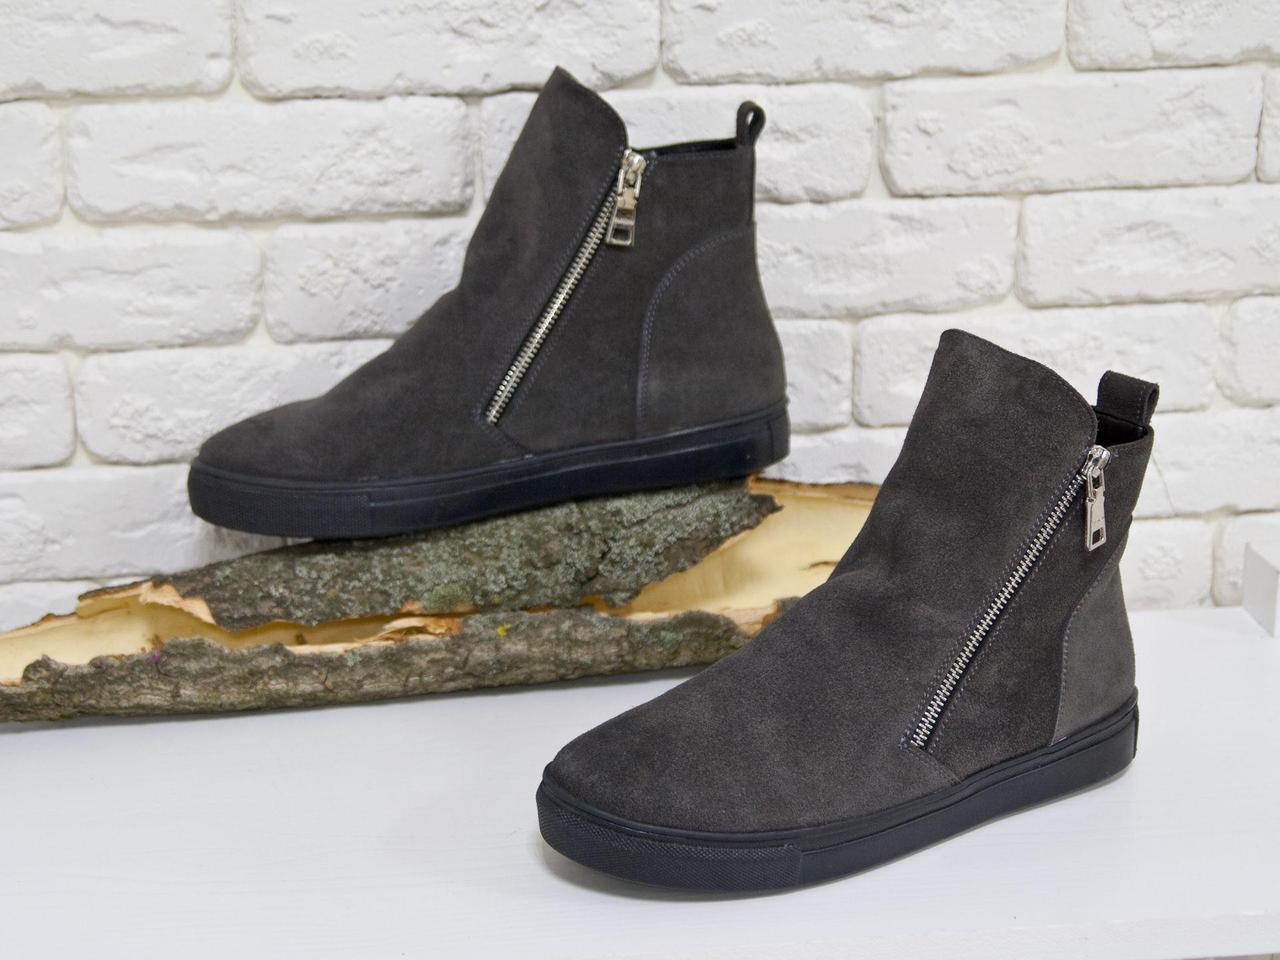 Ботинки женские серого мышиного цвета из натуральной замши на практичной черной подошве, Коллекция Осень-Зима, Б-407